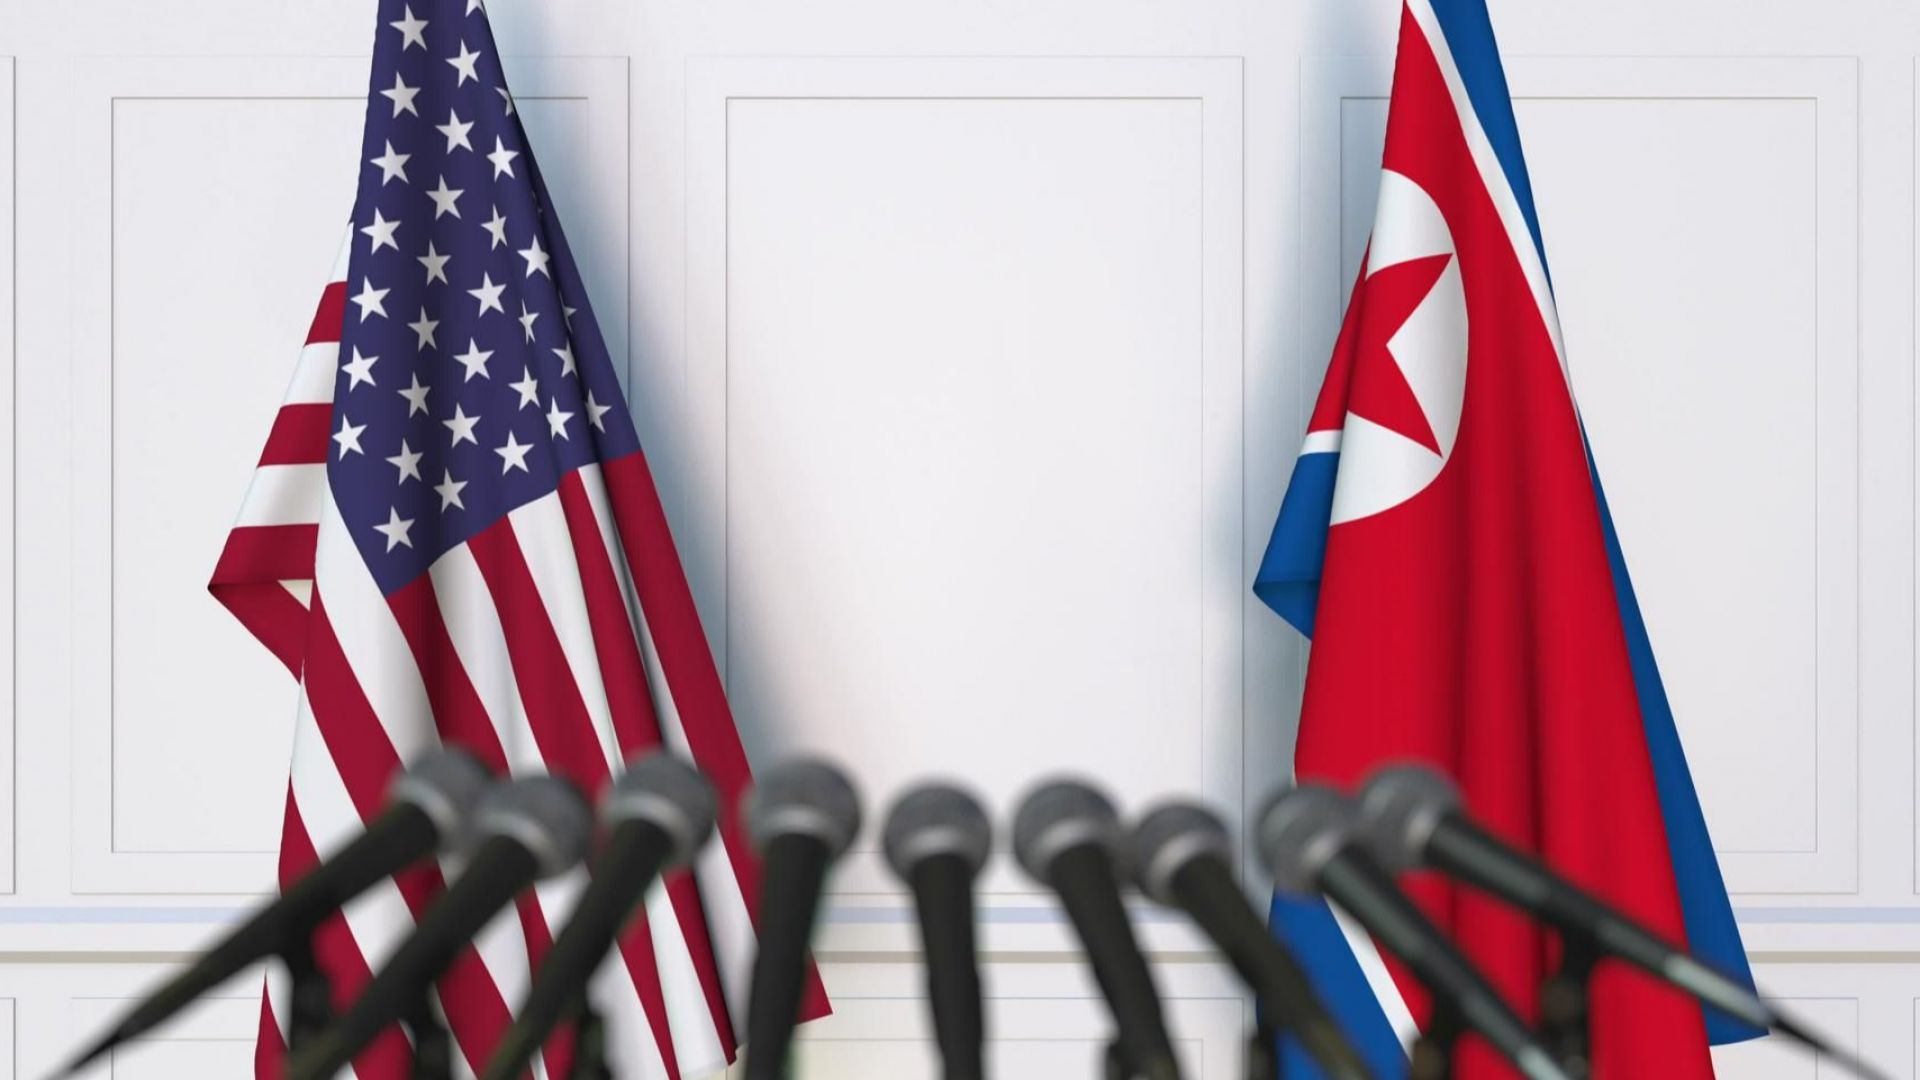 САЩ погрешка заявиха, че Сингапур е част от съседна Малайзия